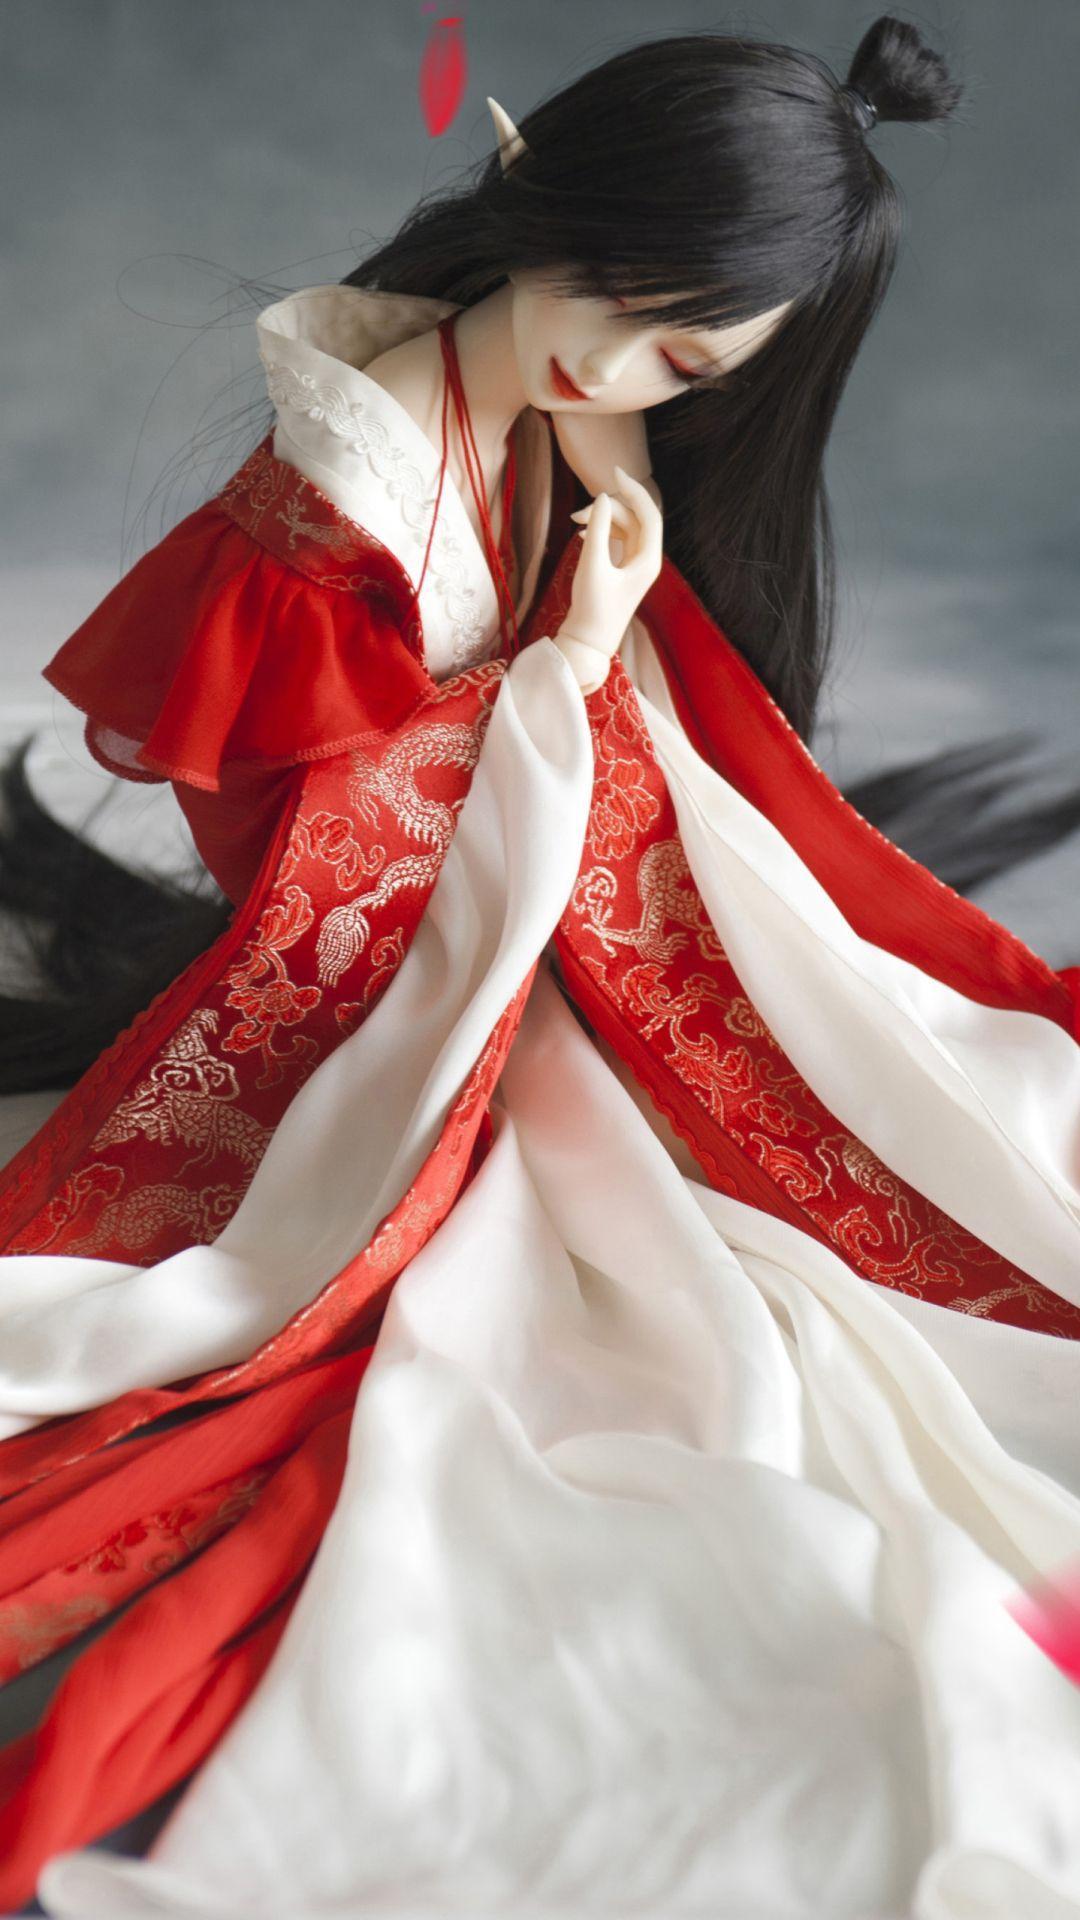 Tokyo Geisha Girl Wallpaper Background Kimono Wallpapers Top Free Kimono Backgrounds